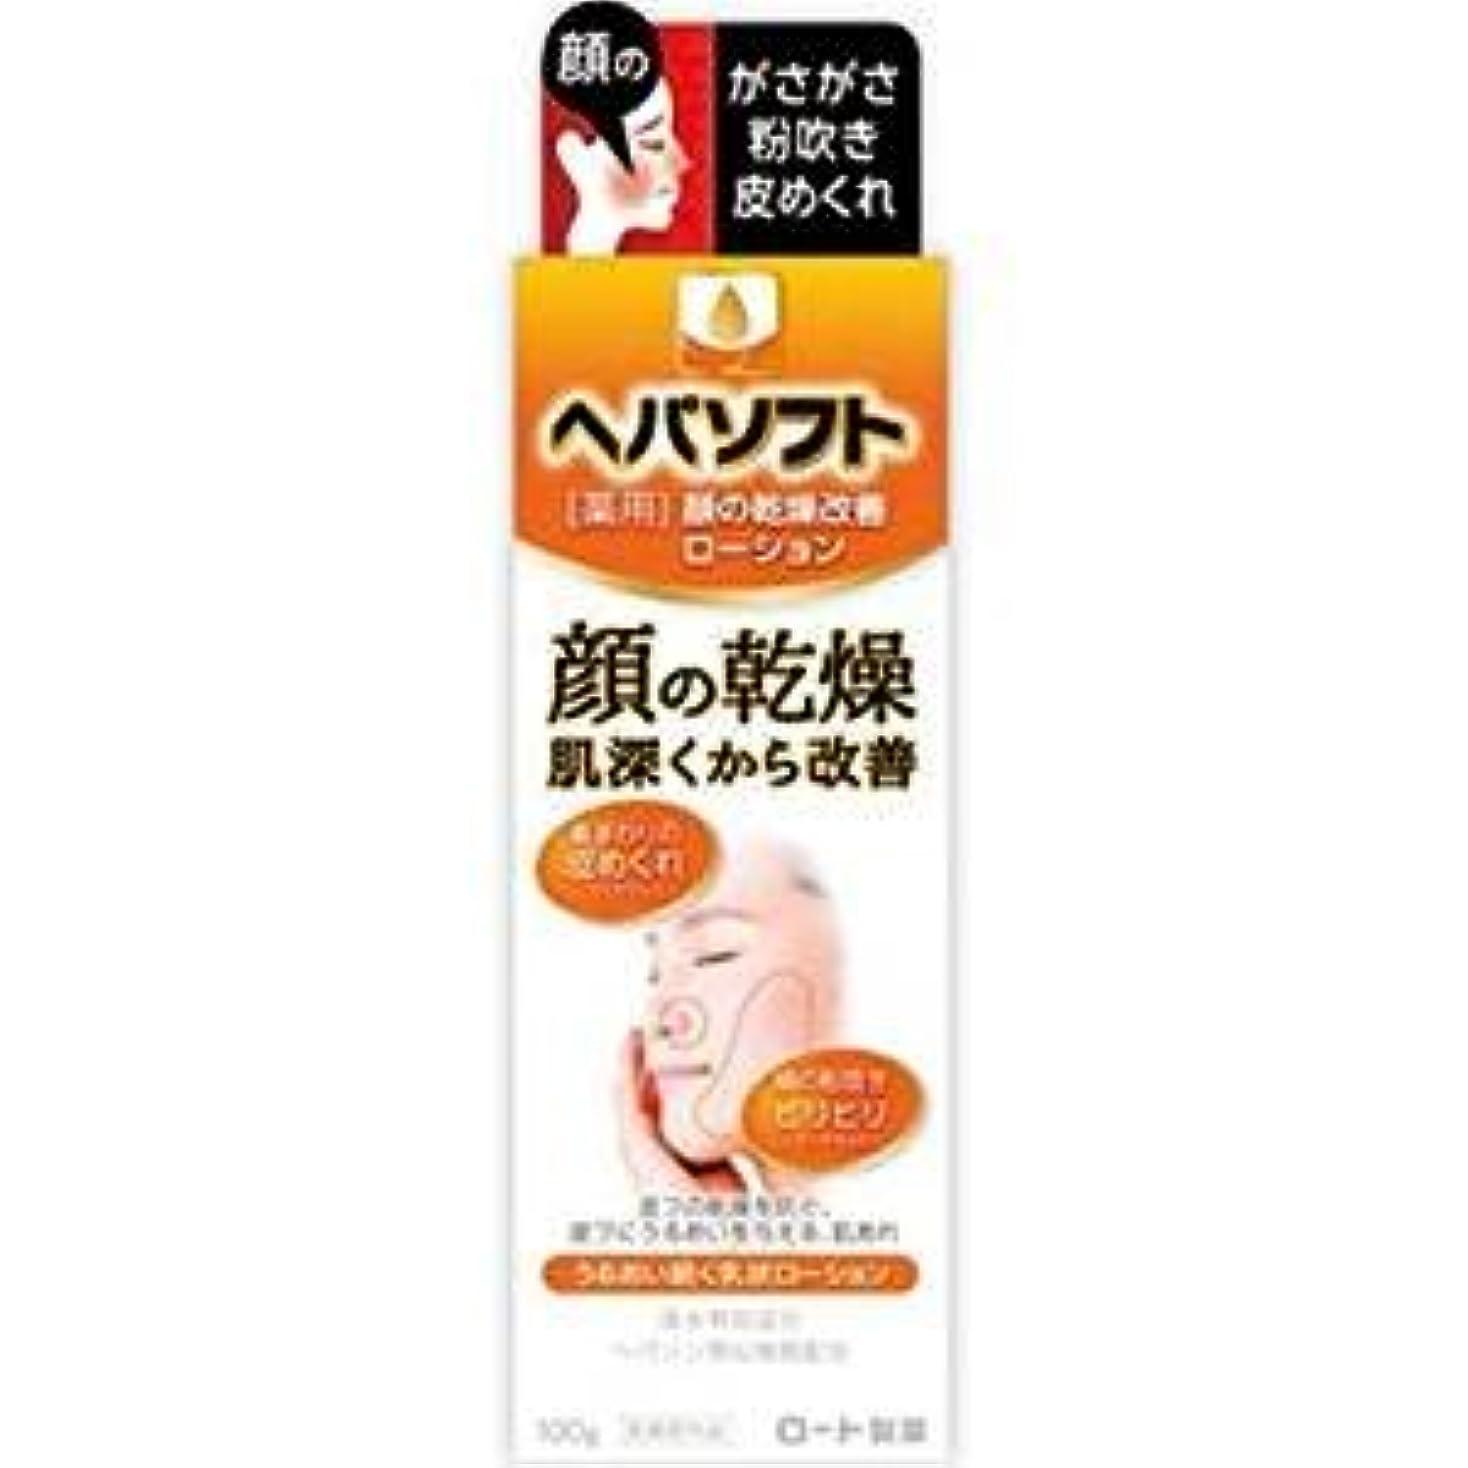 直径潜む免除するヘパソフト 薬用 顔ローション 100g (医薬部外品)3個